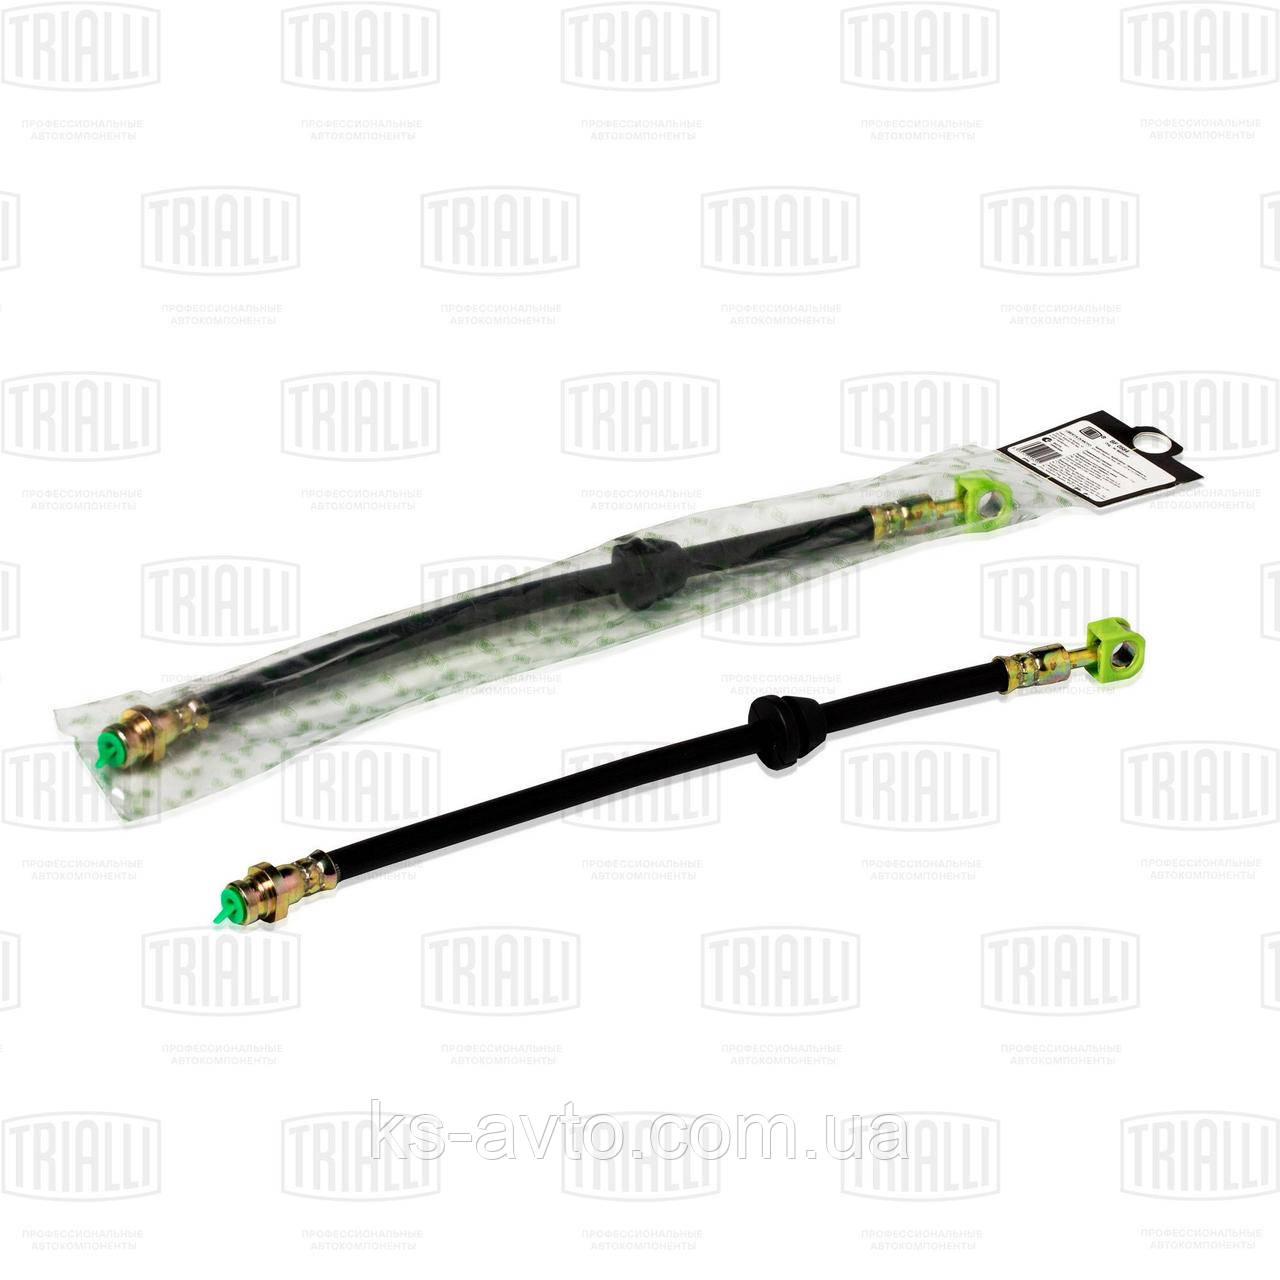 Шланг гальмівний передній Авео (T200/T250) TRIALLI